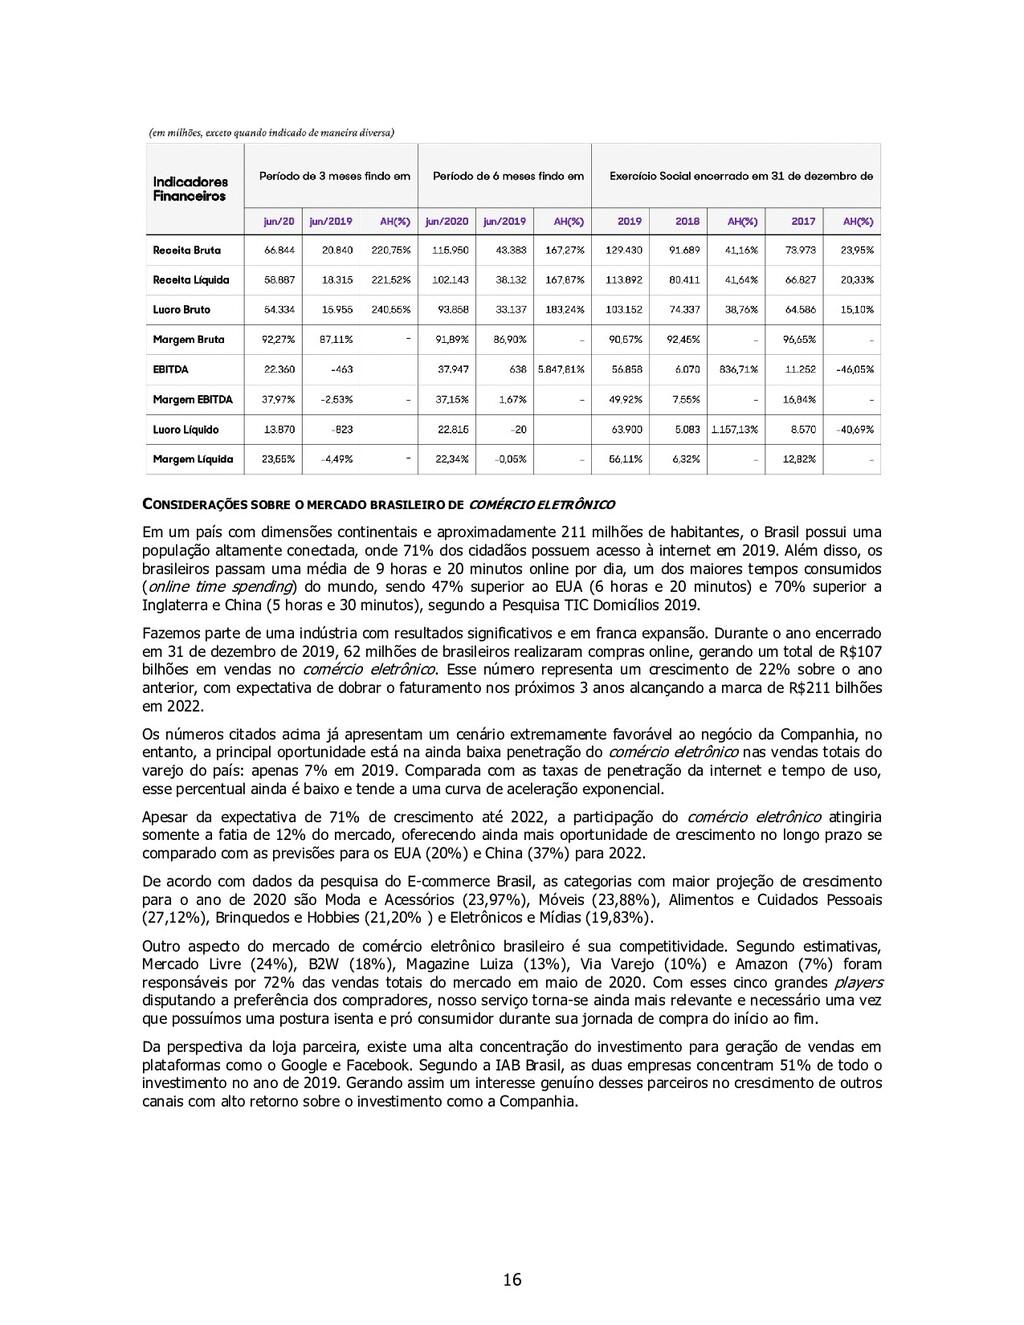 16 CONSIDERAÇÕES SOBRE O MERCADO BRASILEIRO DE ...